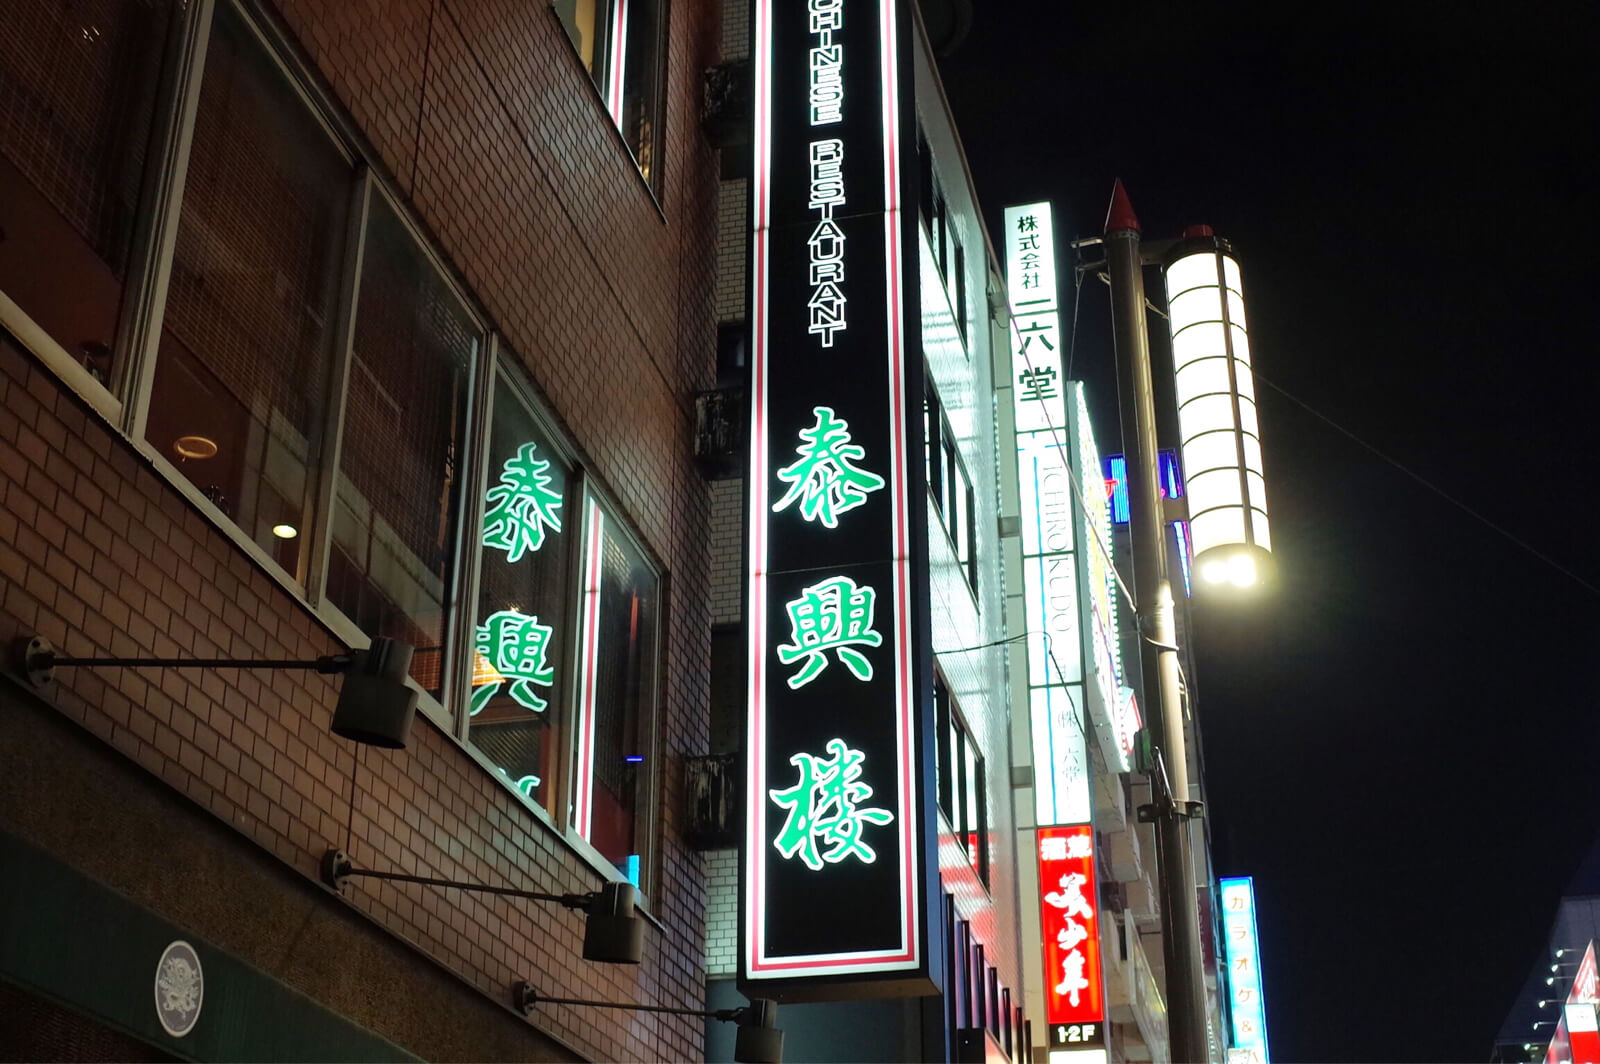 秦興楼 八重洲 ジャンボ餃子 東京駅